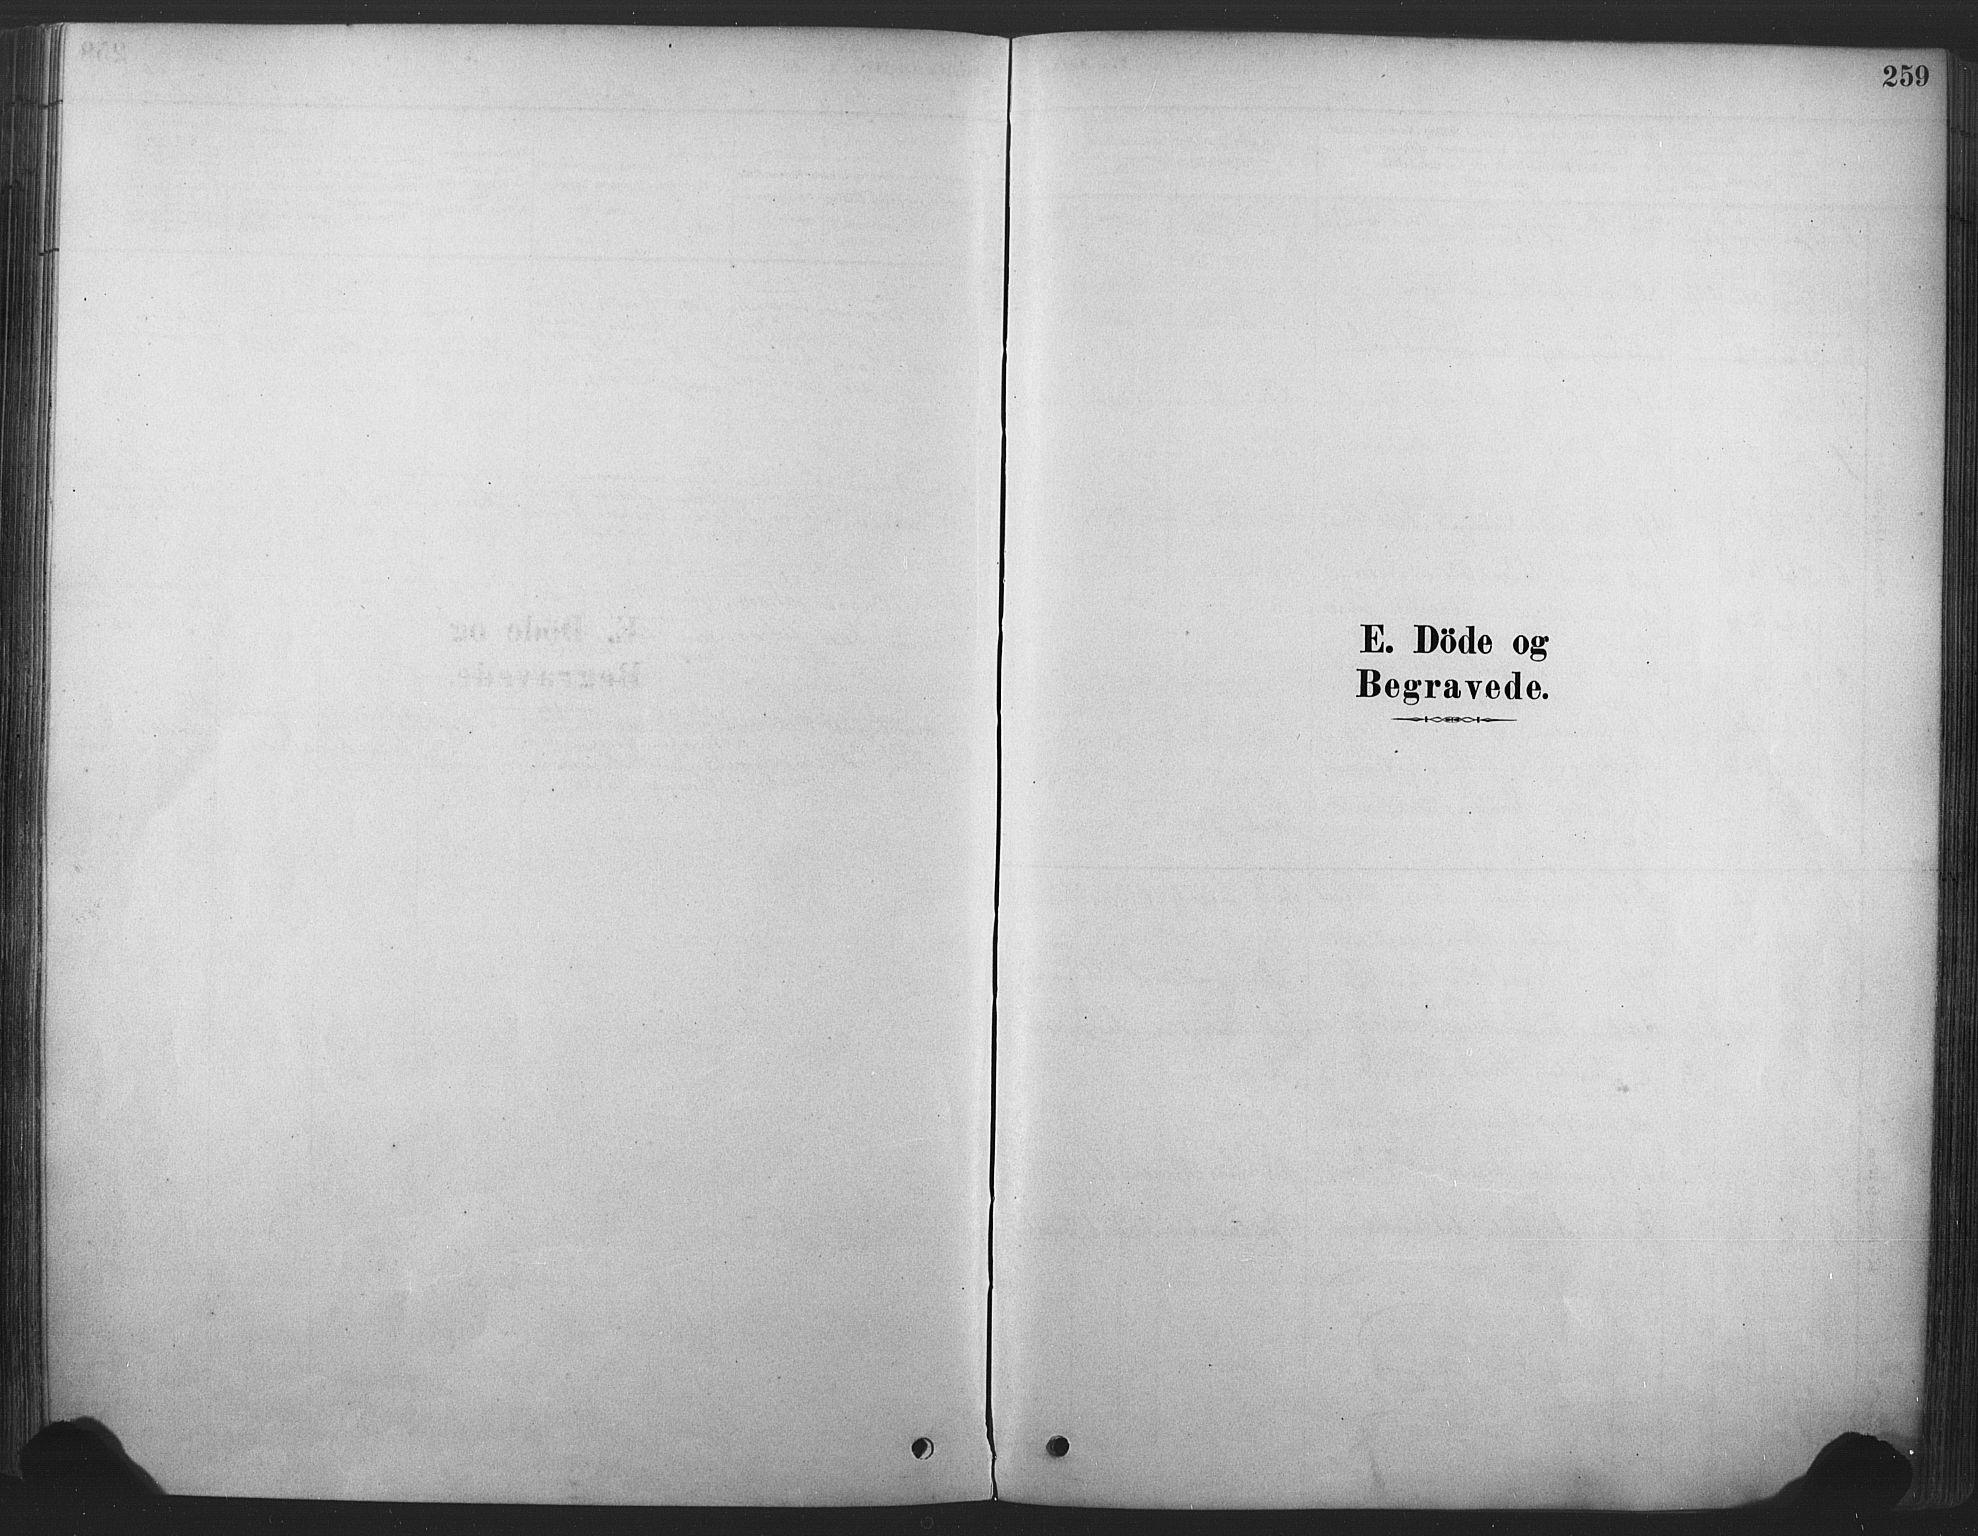 SAKO, Våle kirkebøker, F/Fa/L0011: Ministerialbok nr. I 11, 1878-1906, s. 259